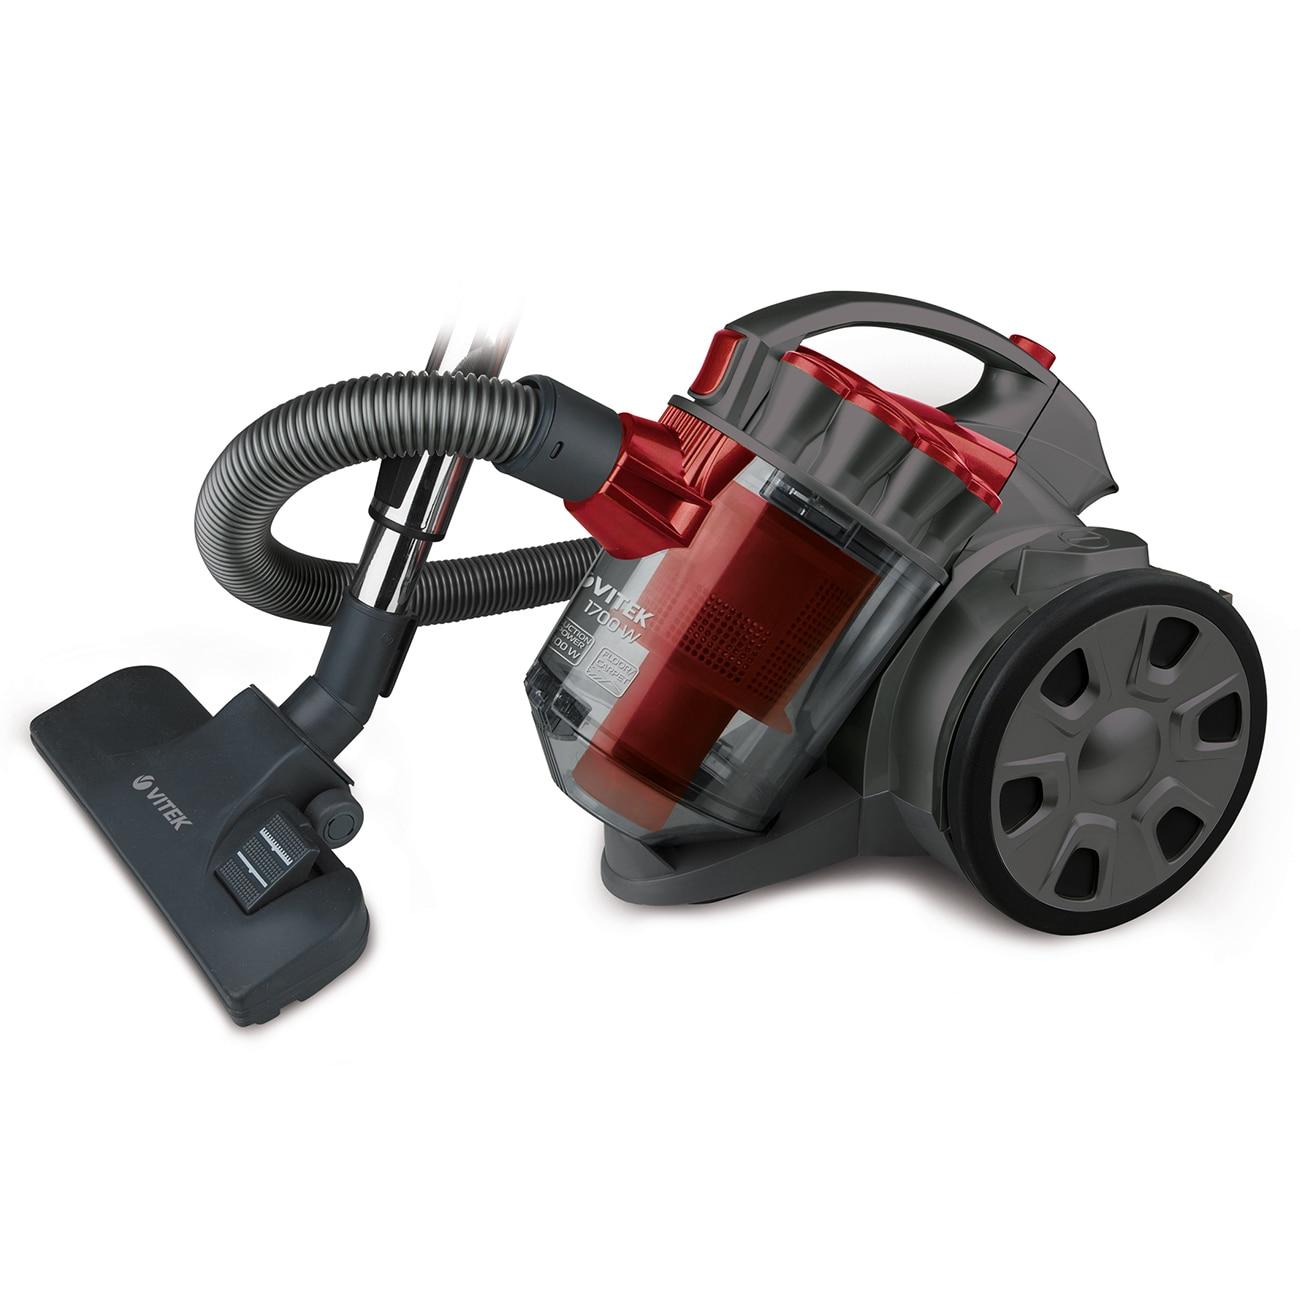 Electric vacuum cleaner Vitek VT-1895 R iiutec r cruiser robotic vacuum cleaner black